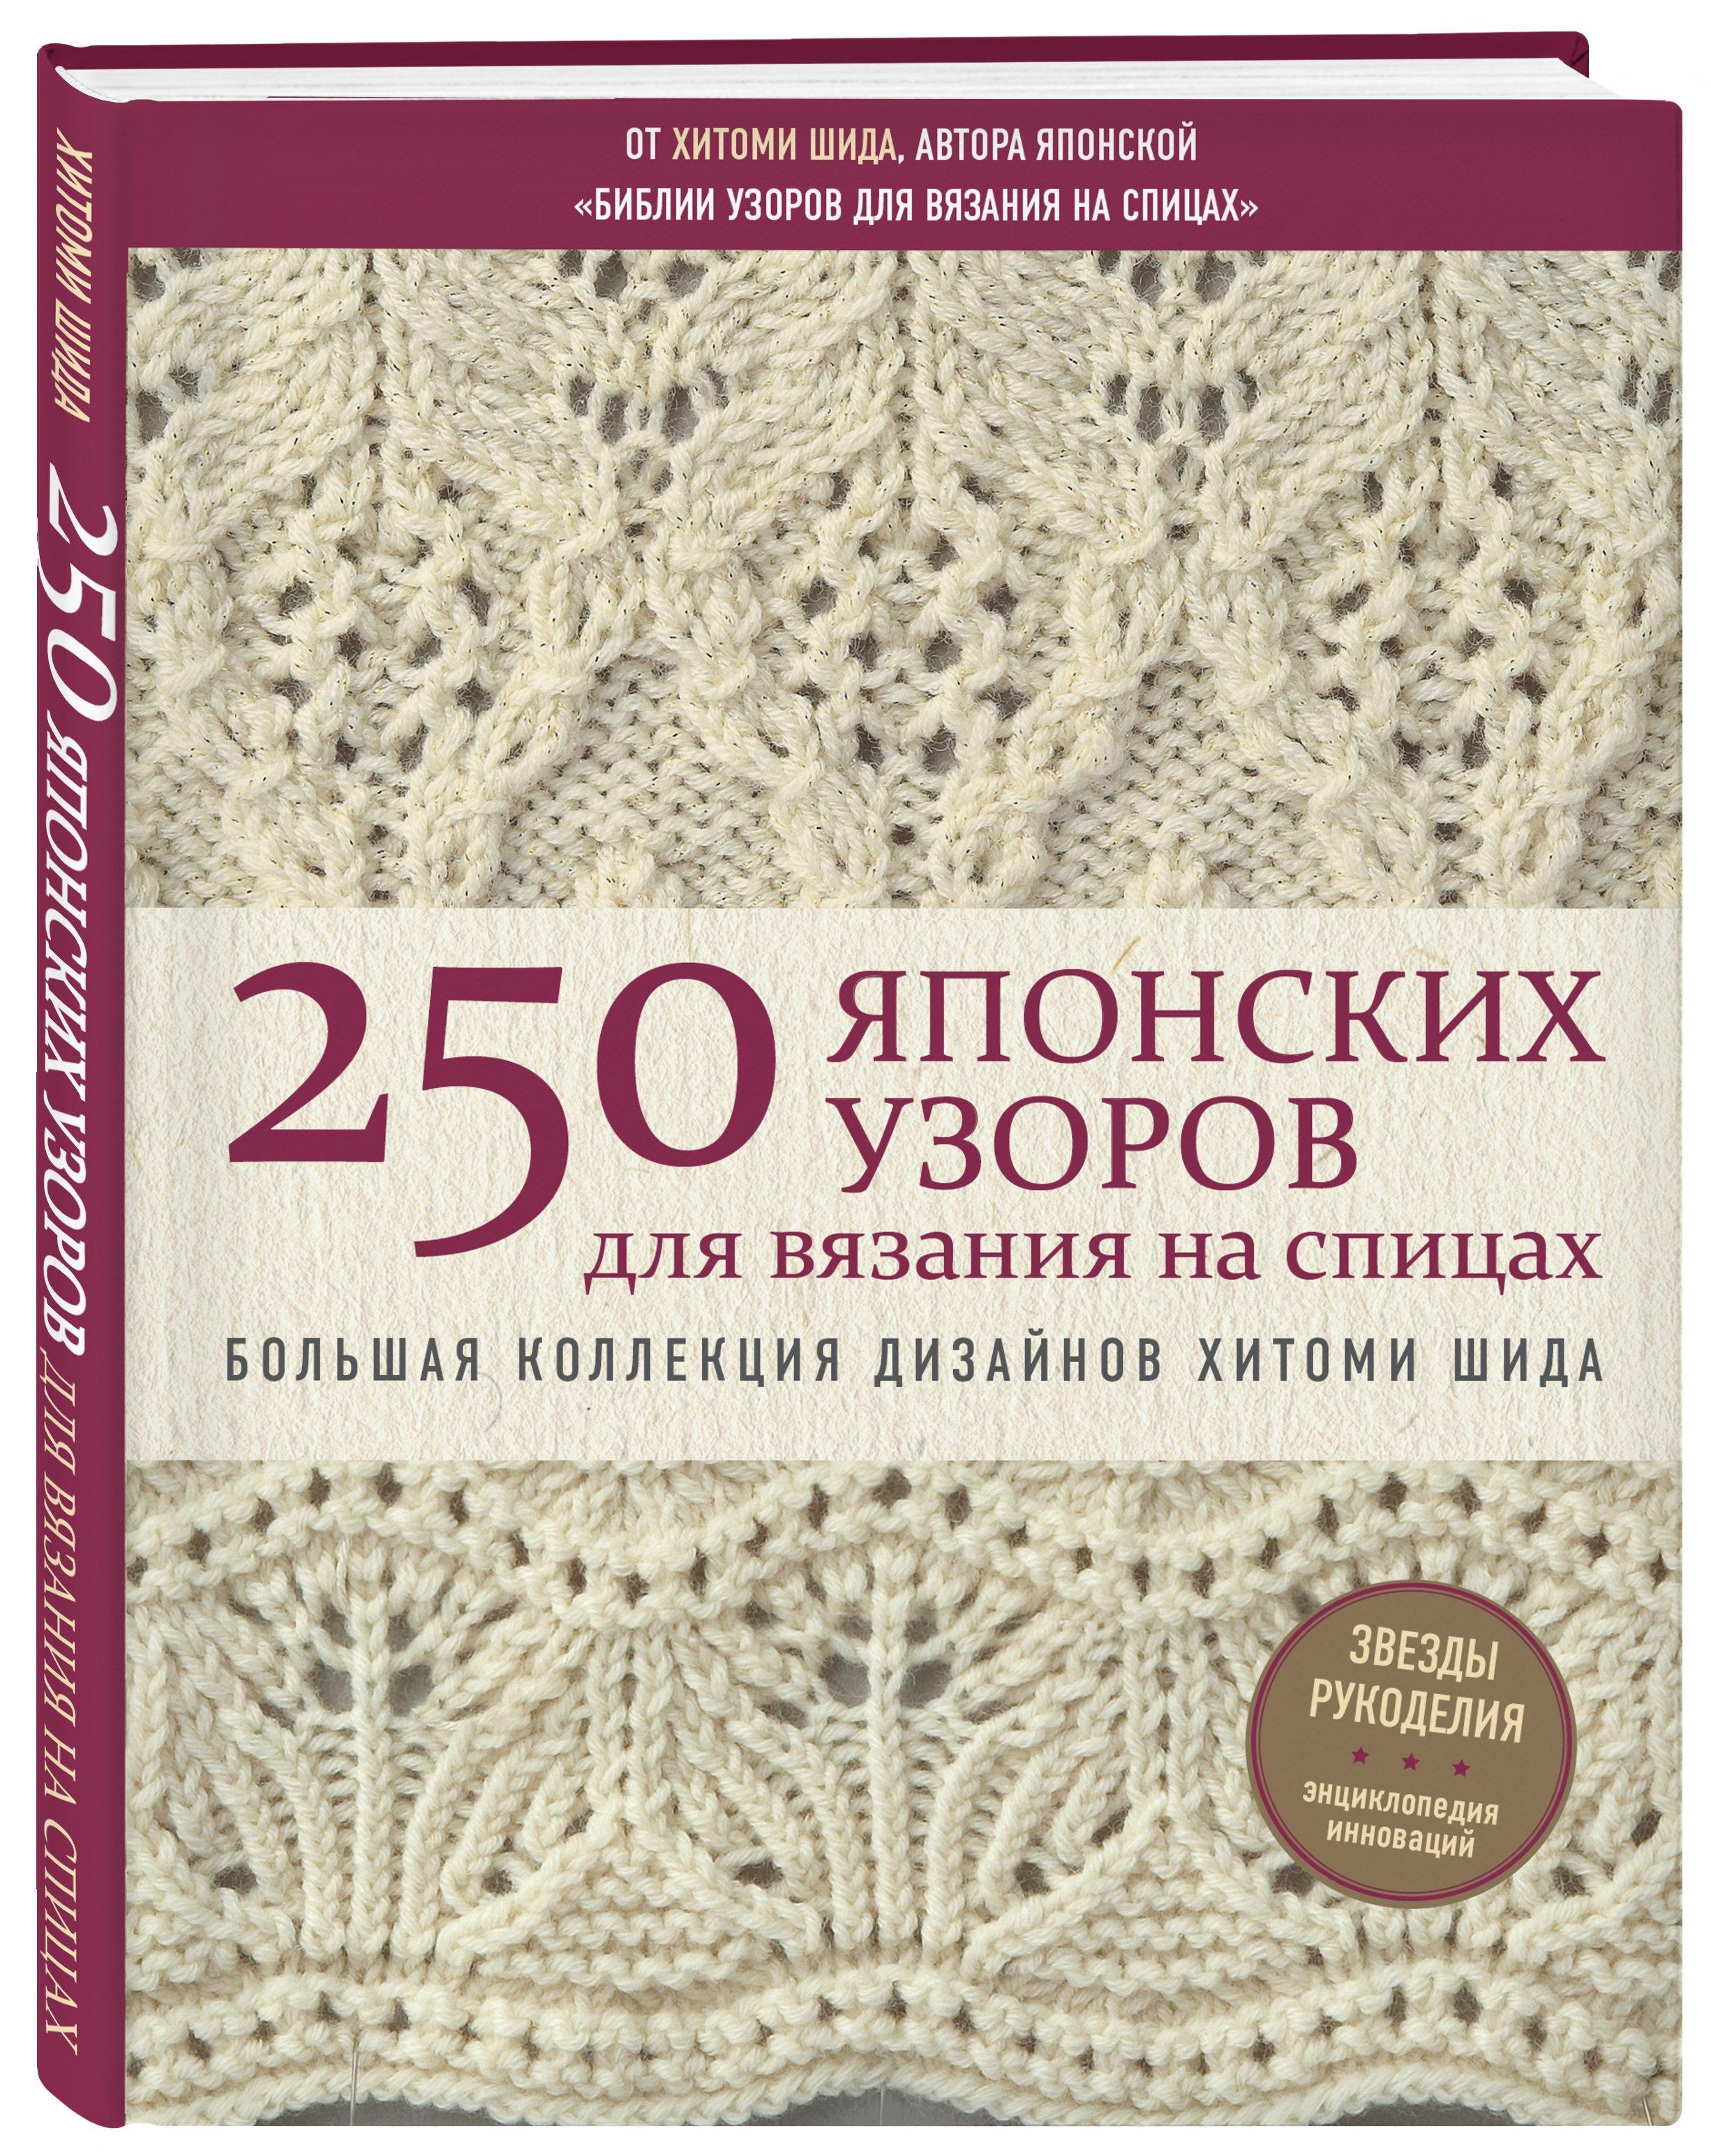 цена на Хитоми Шида 250 японских узоров для вязания на спицах. Большая коллекция дизайнов Хитоми Шида. Библия вязания на спицах